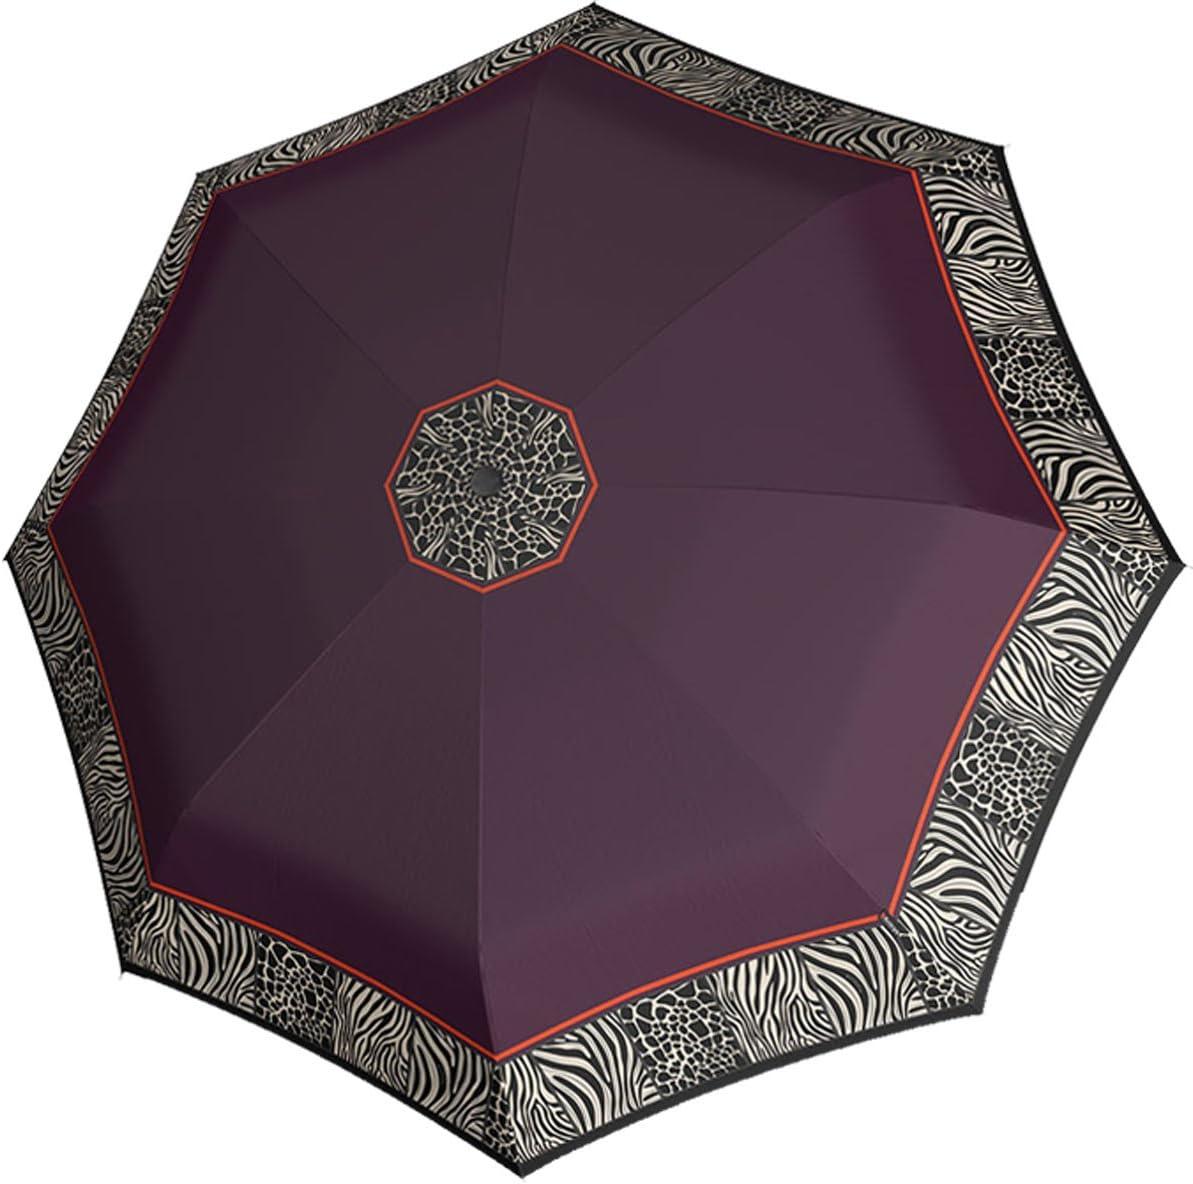 Violet pourpre - 878-6462 Knirps T2 Duomatic African Parapluie de poche en fibre de verre